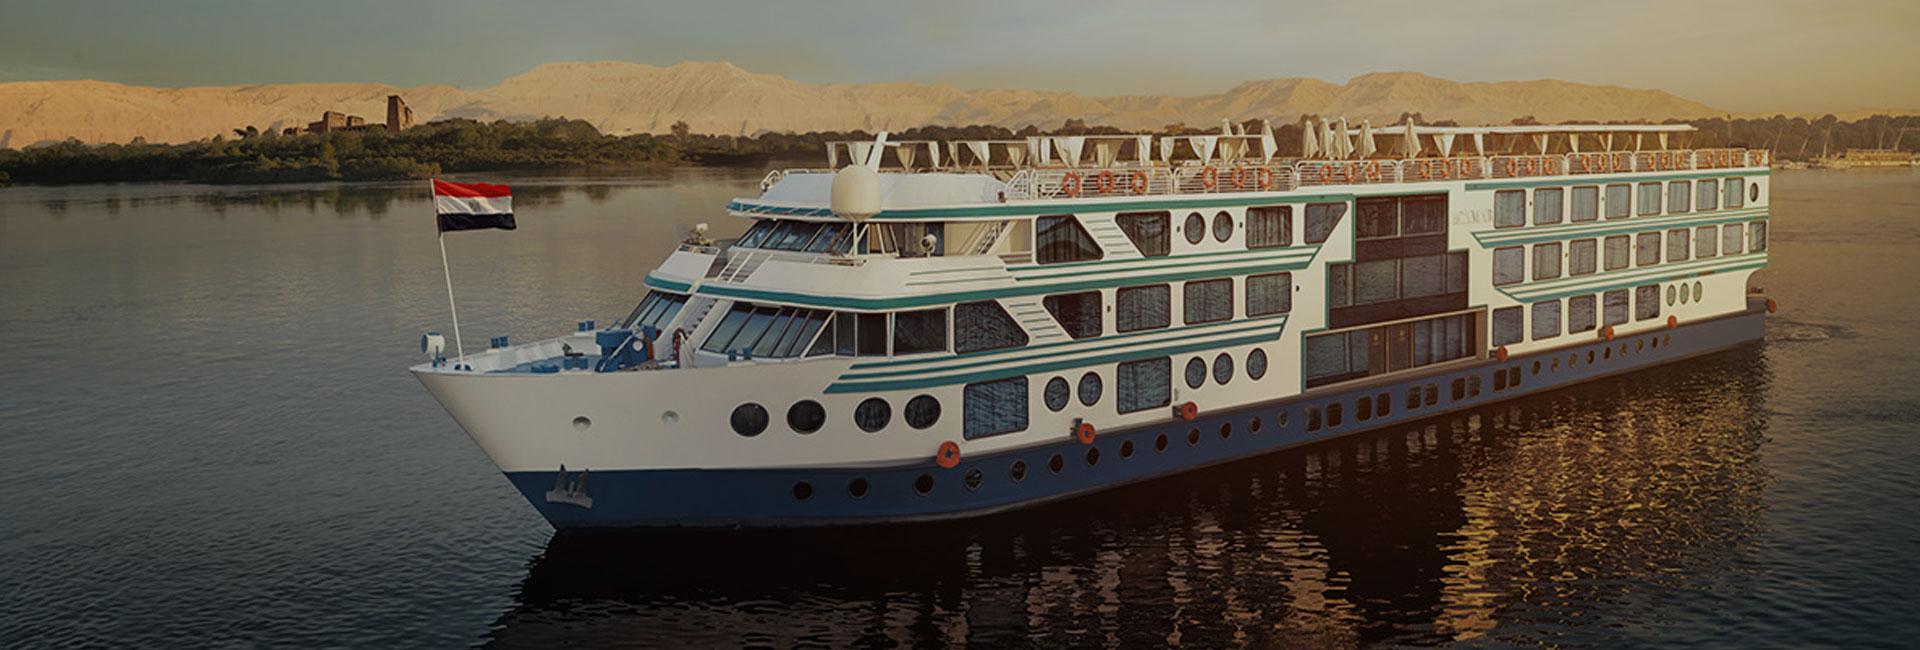 MS Acamar Nile Cruise